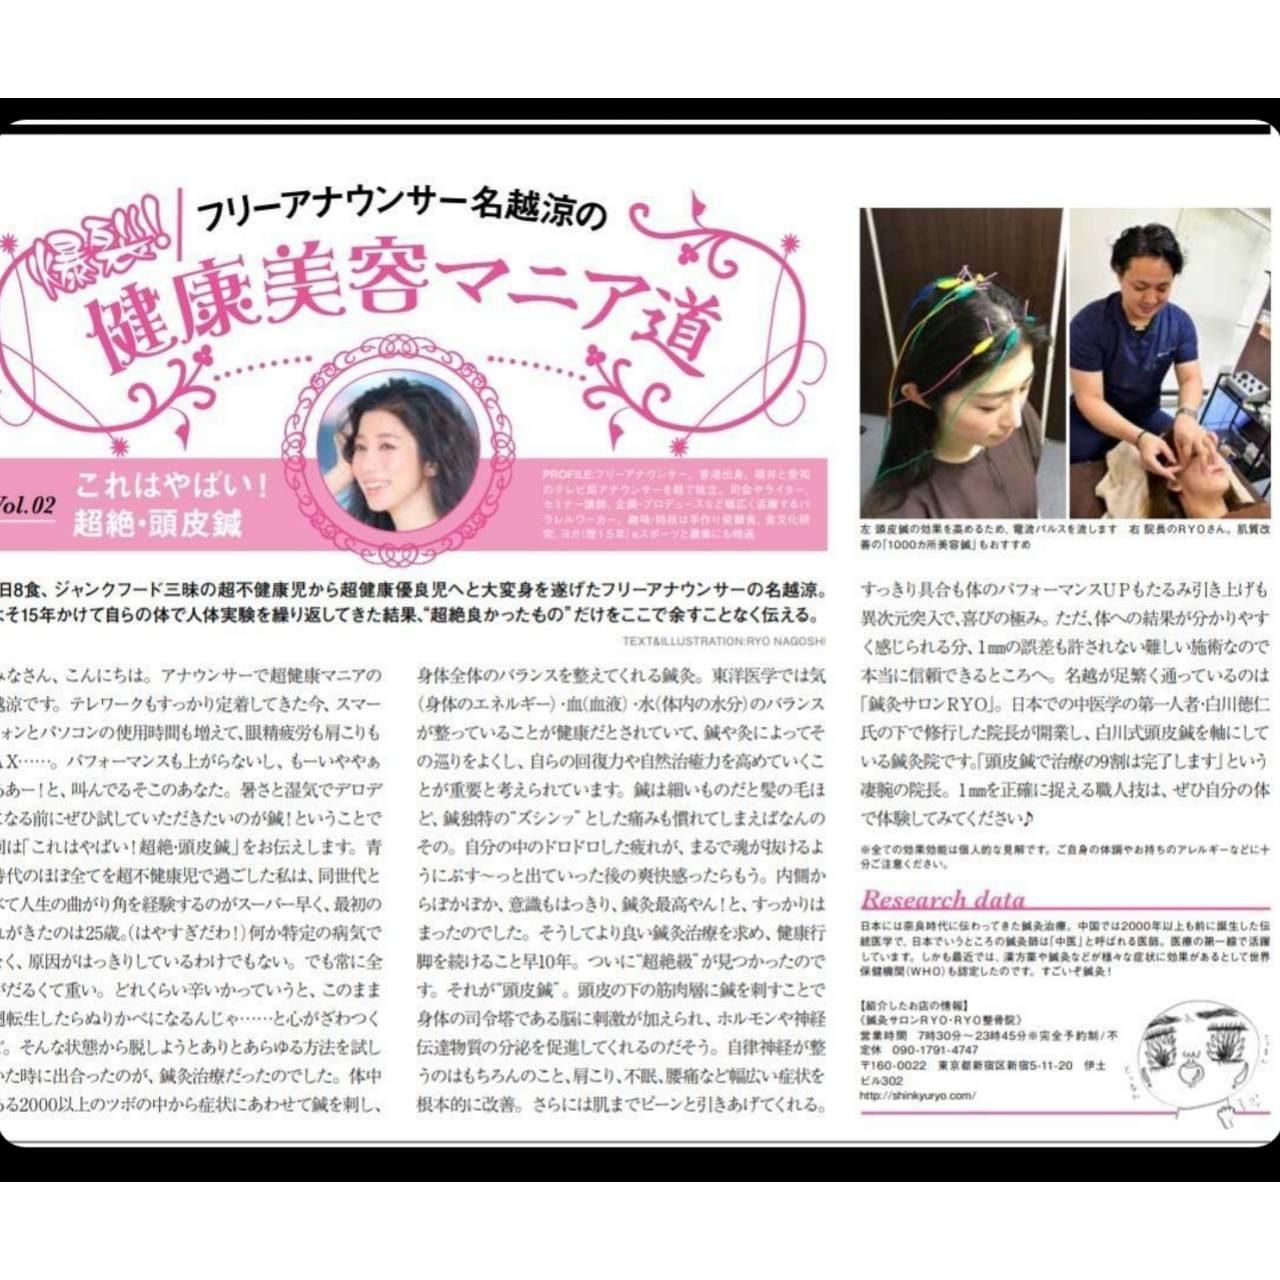 美容専門誌【WWD BEAUTY】2020年6月11日掲載イメージ